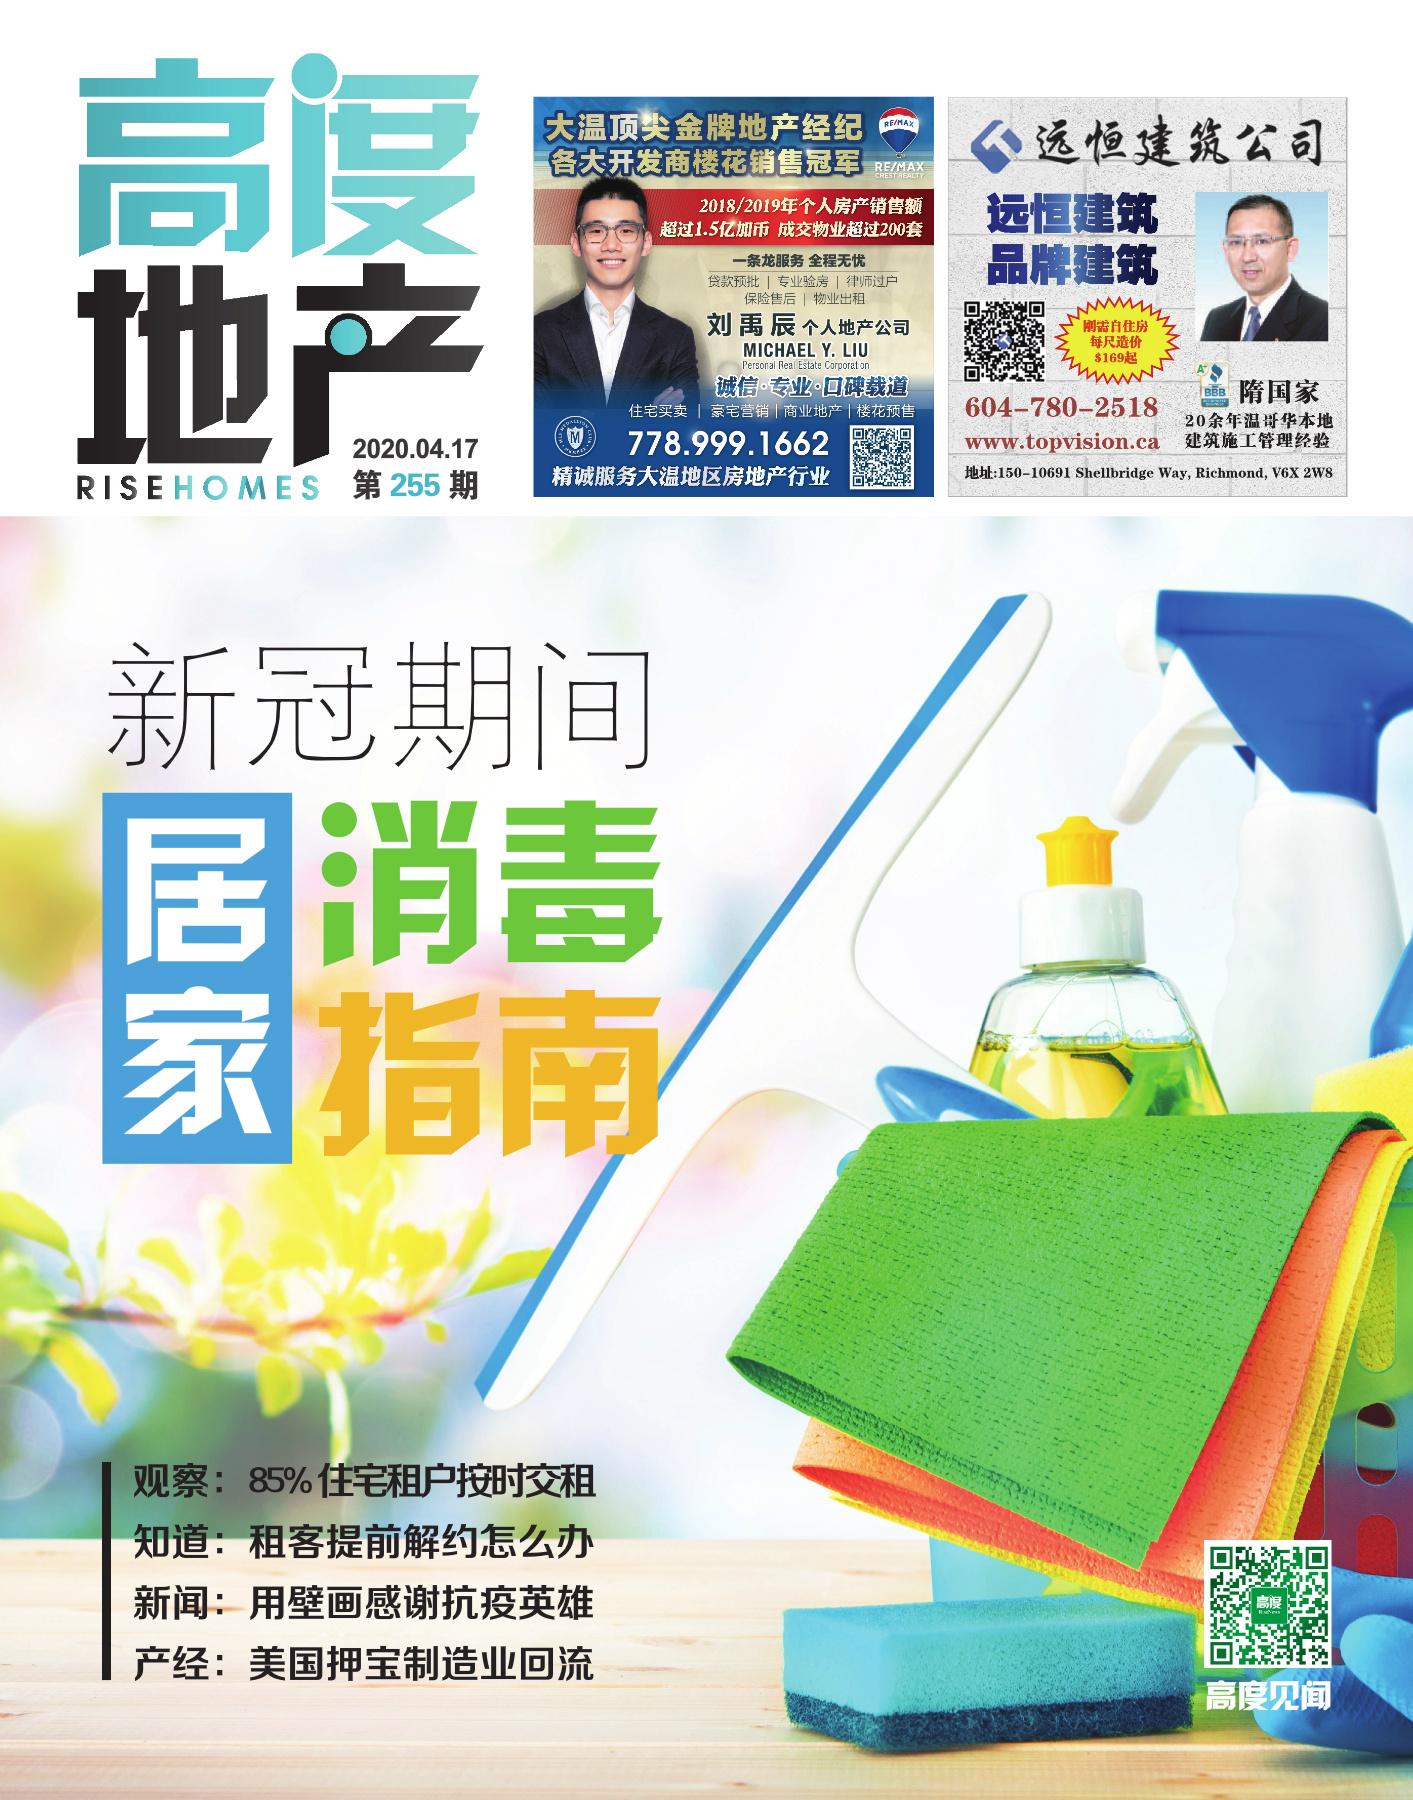 高度地产周刊 2020年04月14日 第255期